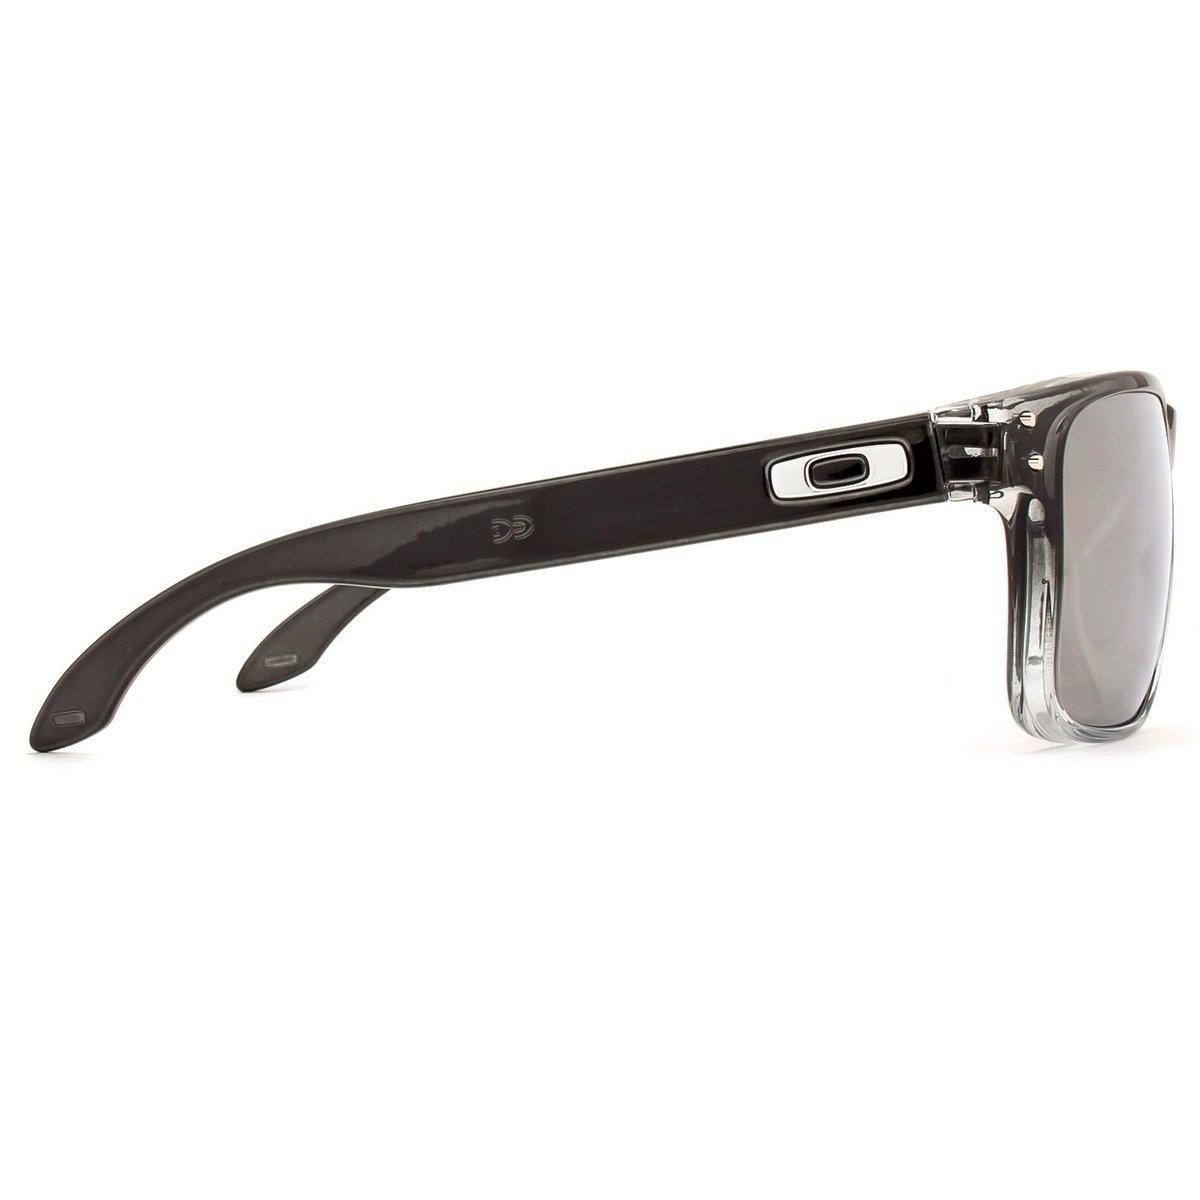 8ec59951c48fa Óculos Oakley Holbrook Polarizado OO9102 A9 55 - Preto - Compre ...